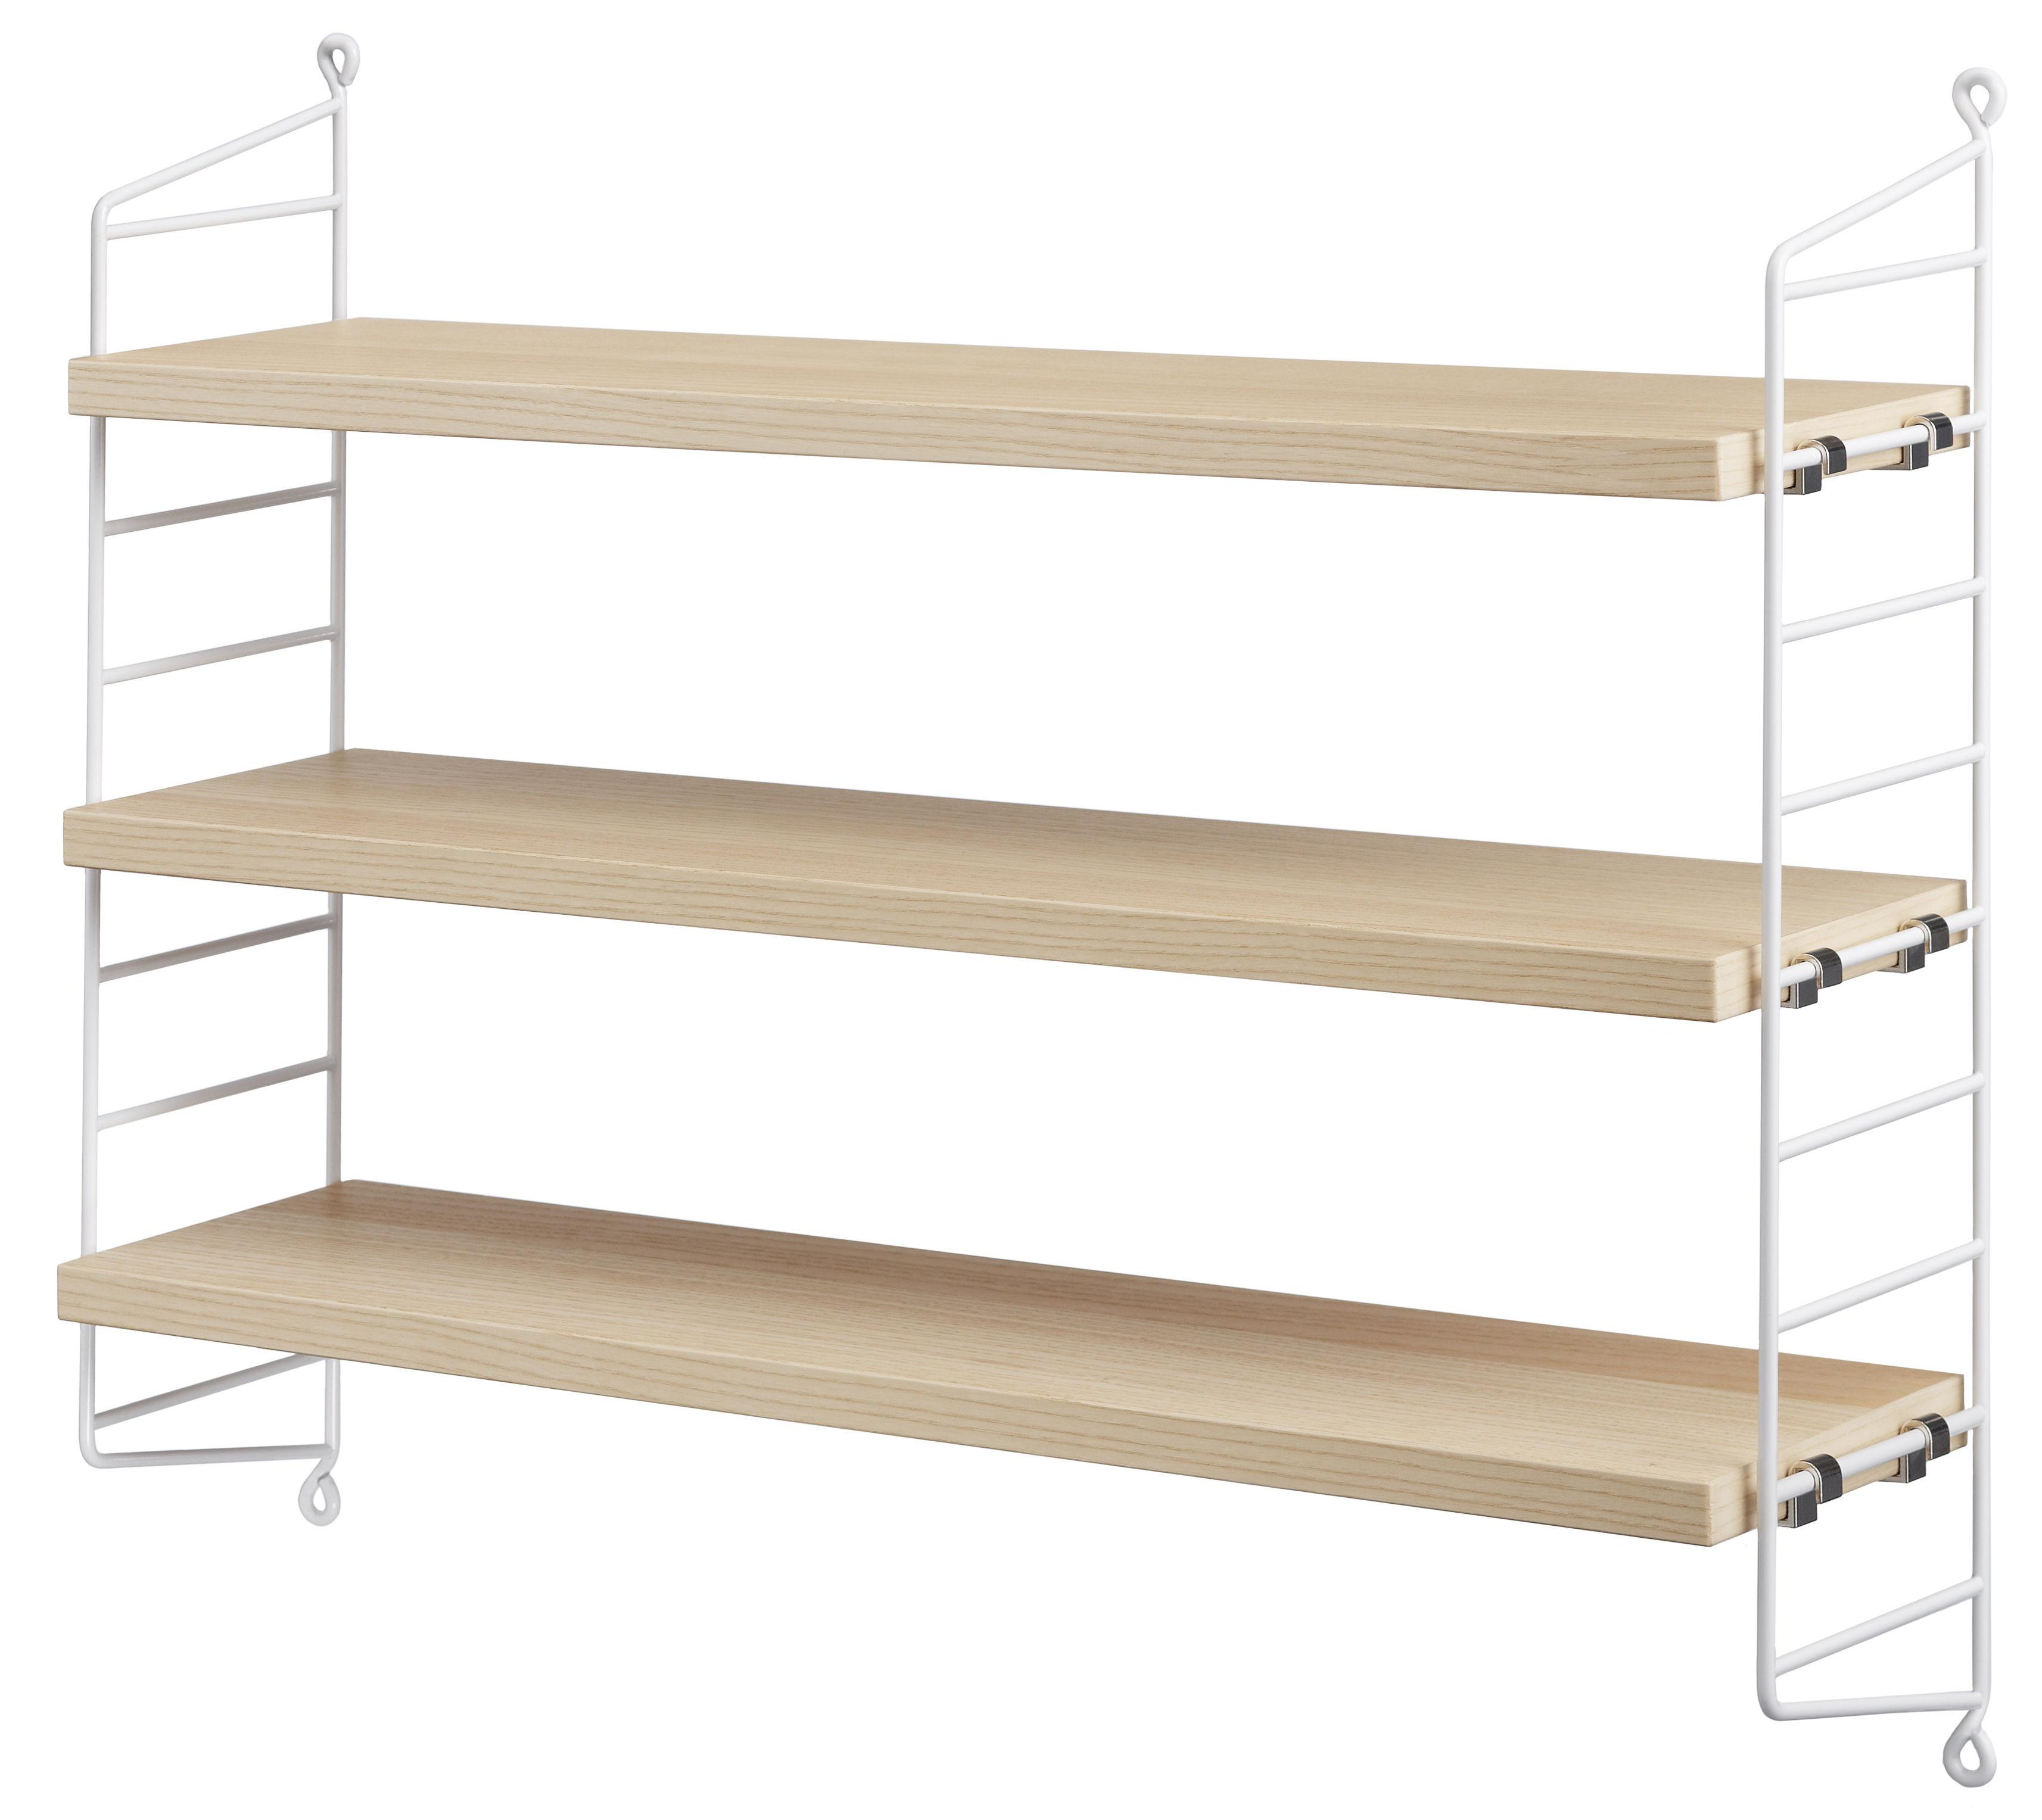 Arredamento - Scaffali e librerie - Scaffale String Pocket - / Versione legno - L 60 x H 50 cm di String Furniture - Frassino / Montanti bianchi - Acciaio laccato, Agglomerato impiallacciato in frassino